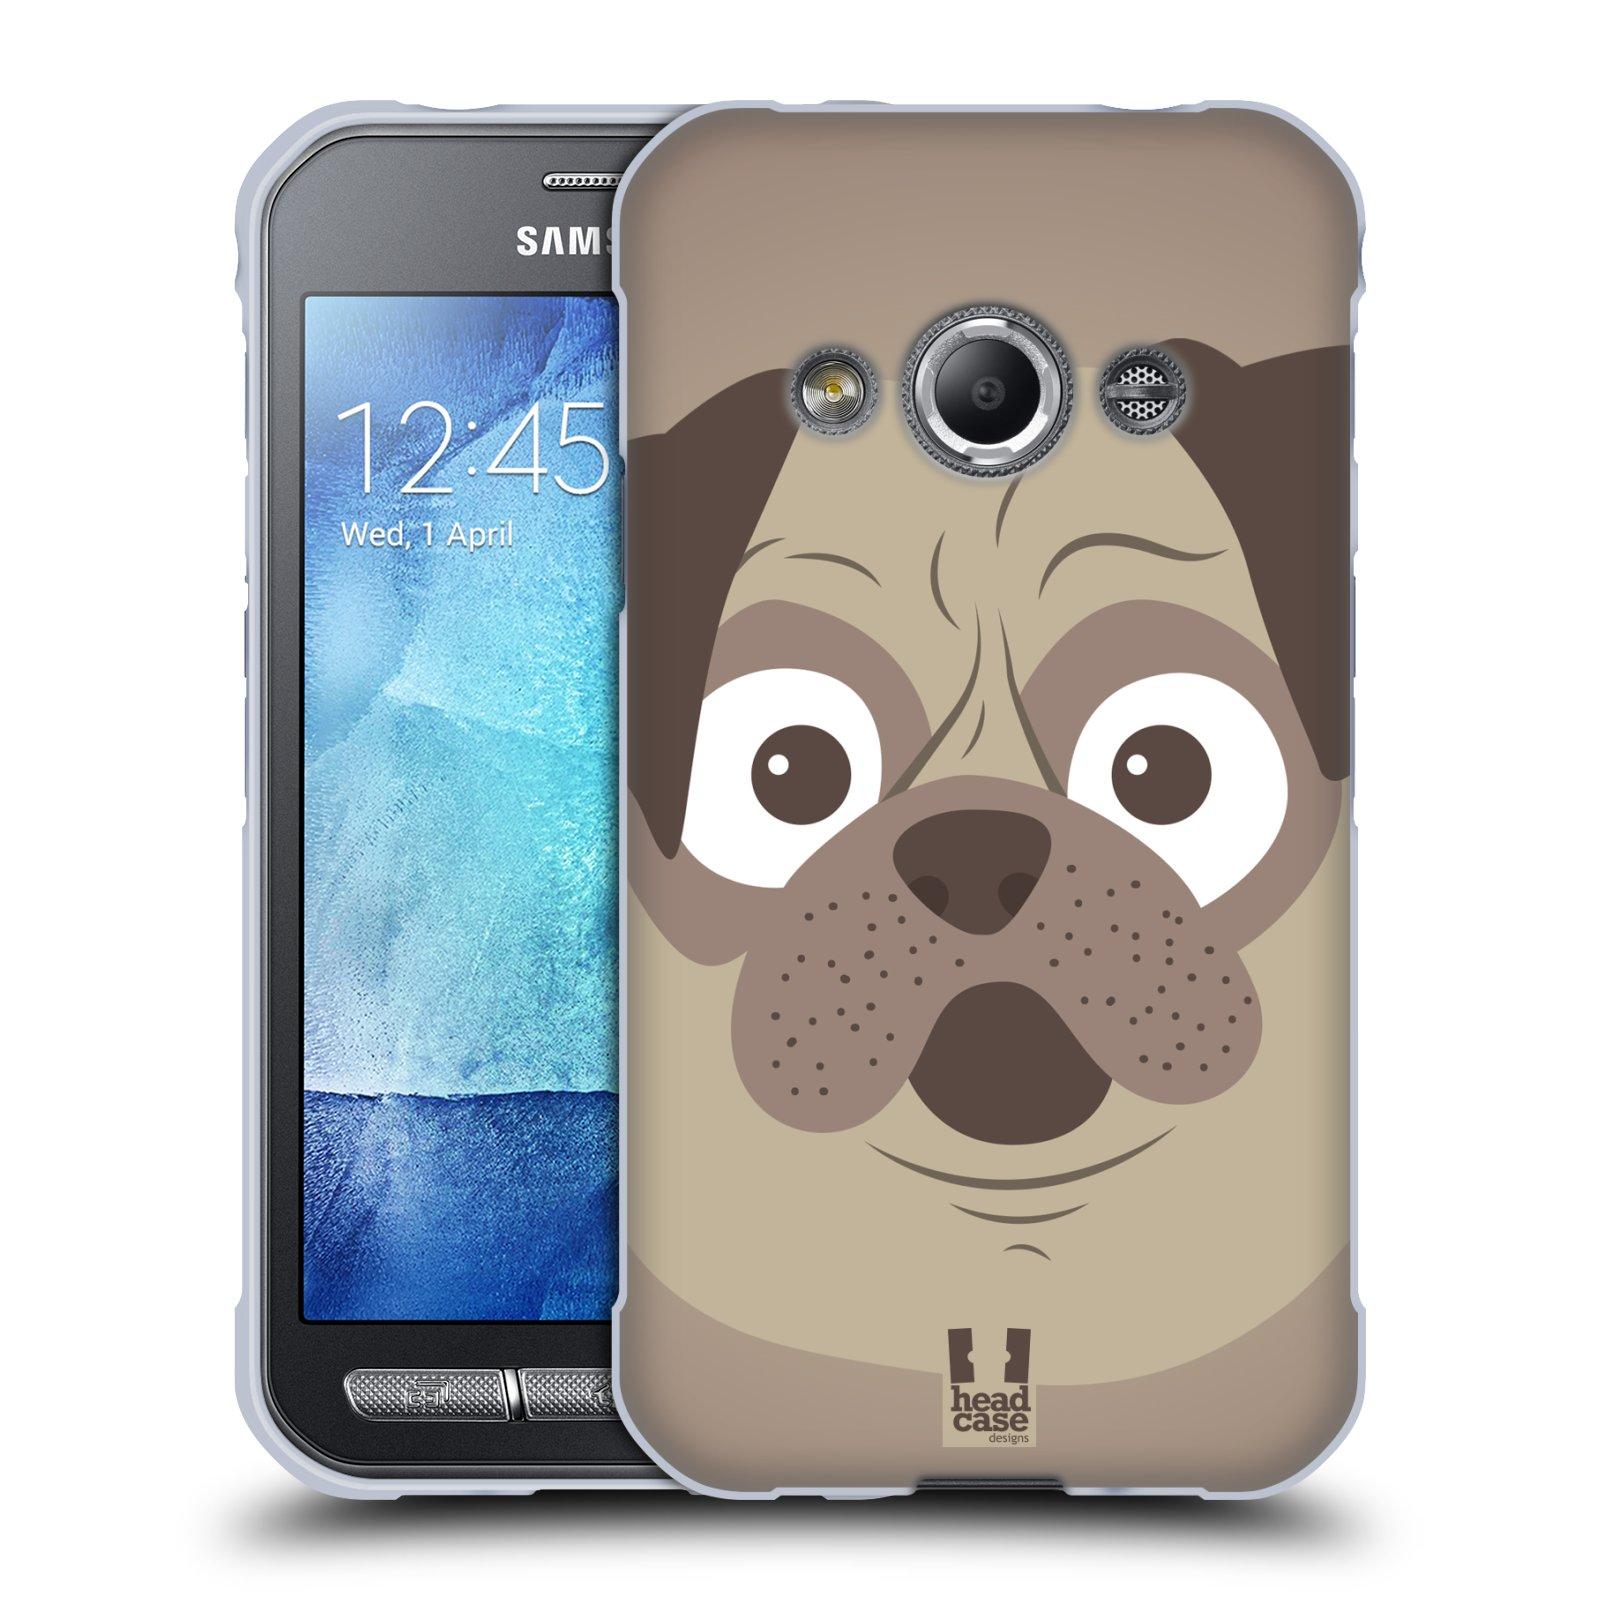 HEAD CASE silikonový obal na mobil Samsung Galaxy Xcover 3 vzor Cartoon Karikatura barevná kreslená zvířátka pes mopsík